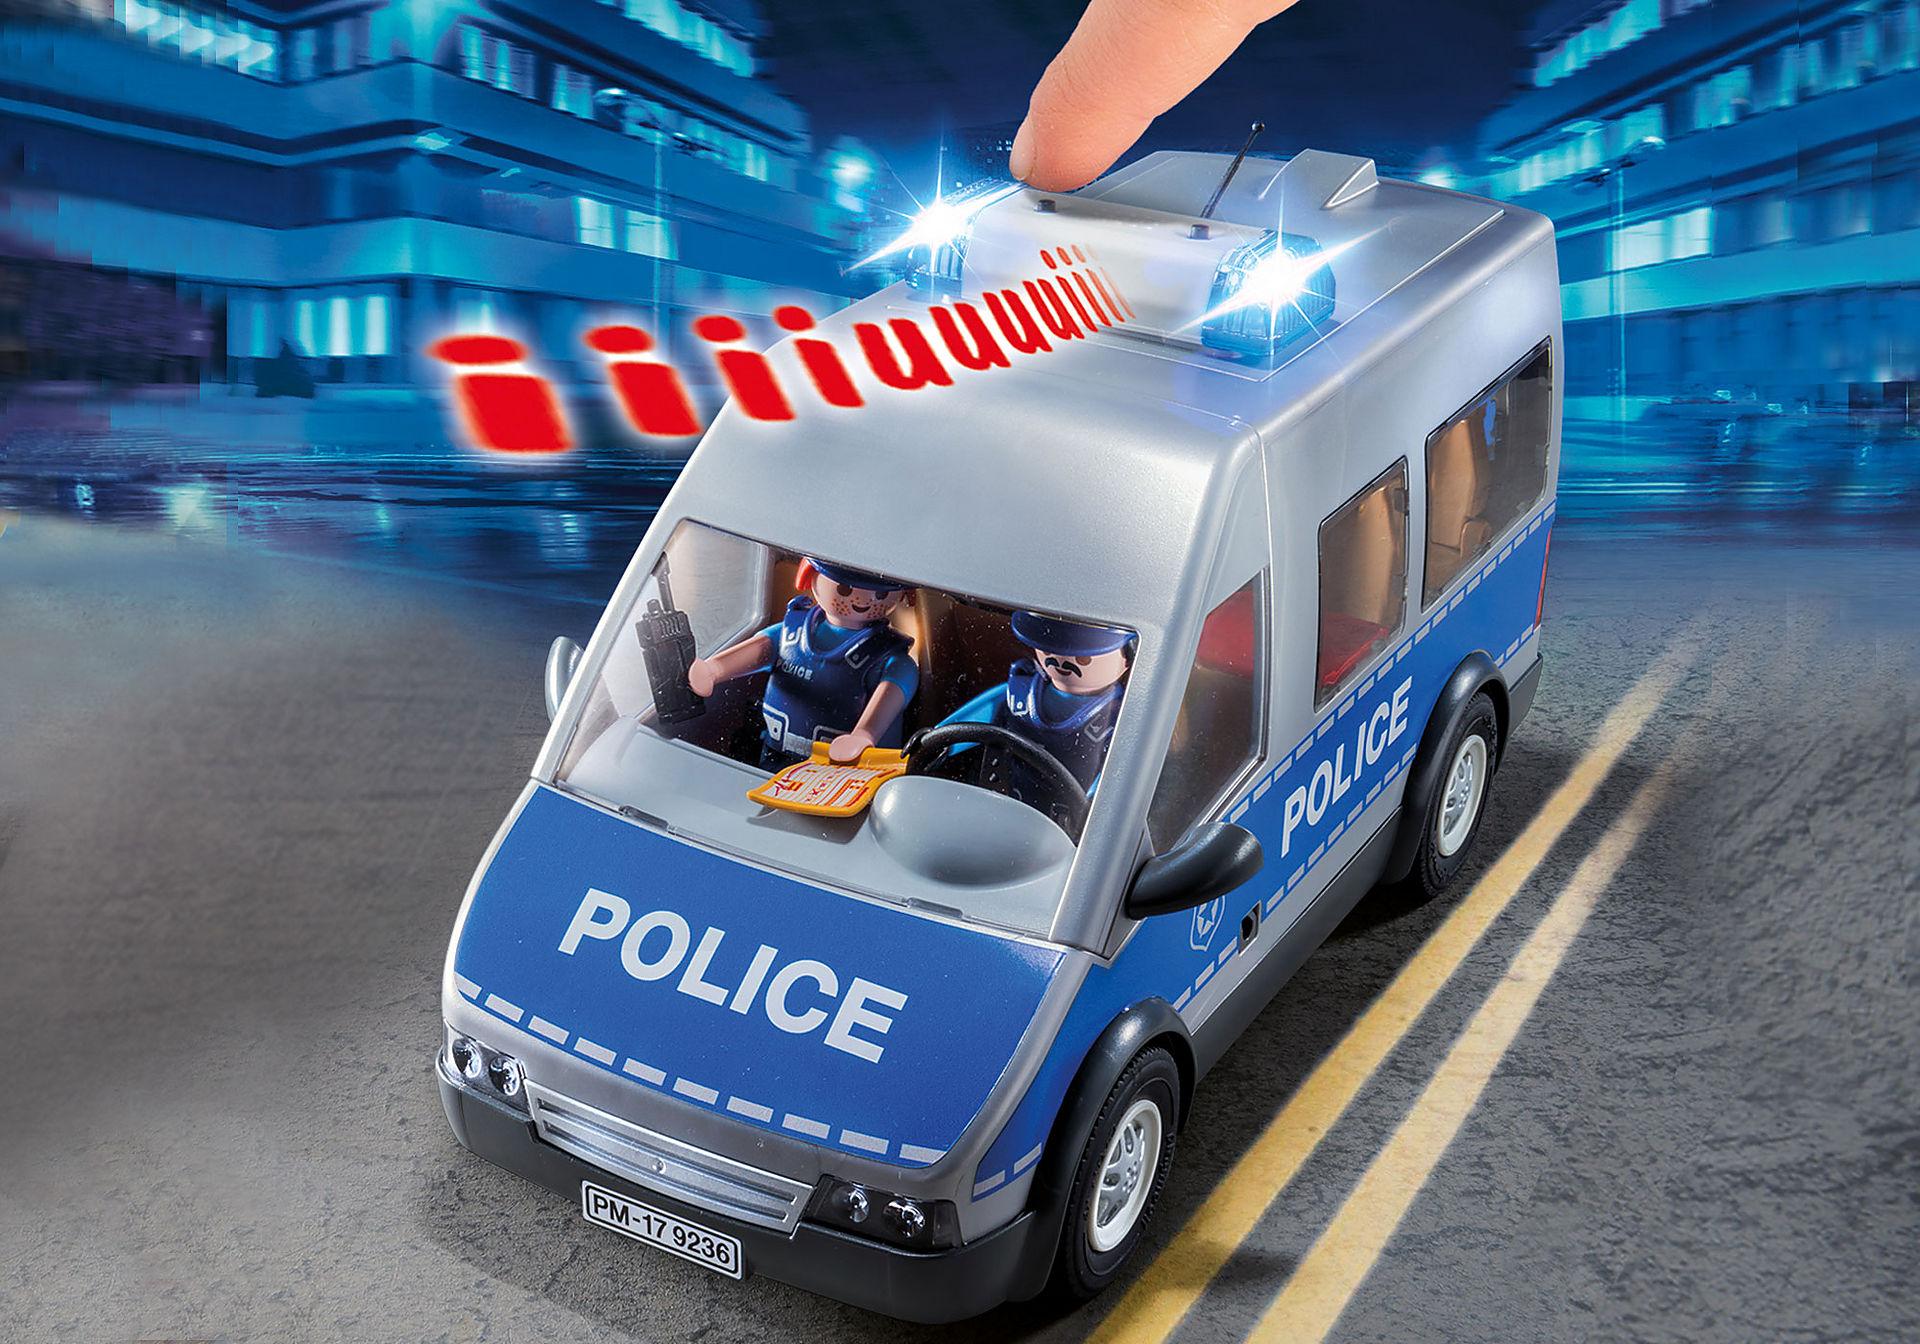 http://media.playmobil.com/i/playmobil/9236_product_extra2/Politie interventiewagen met wegversperring